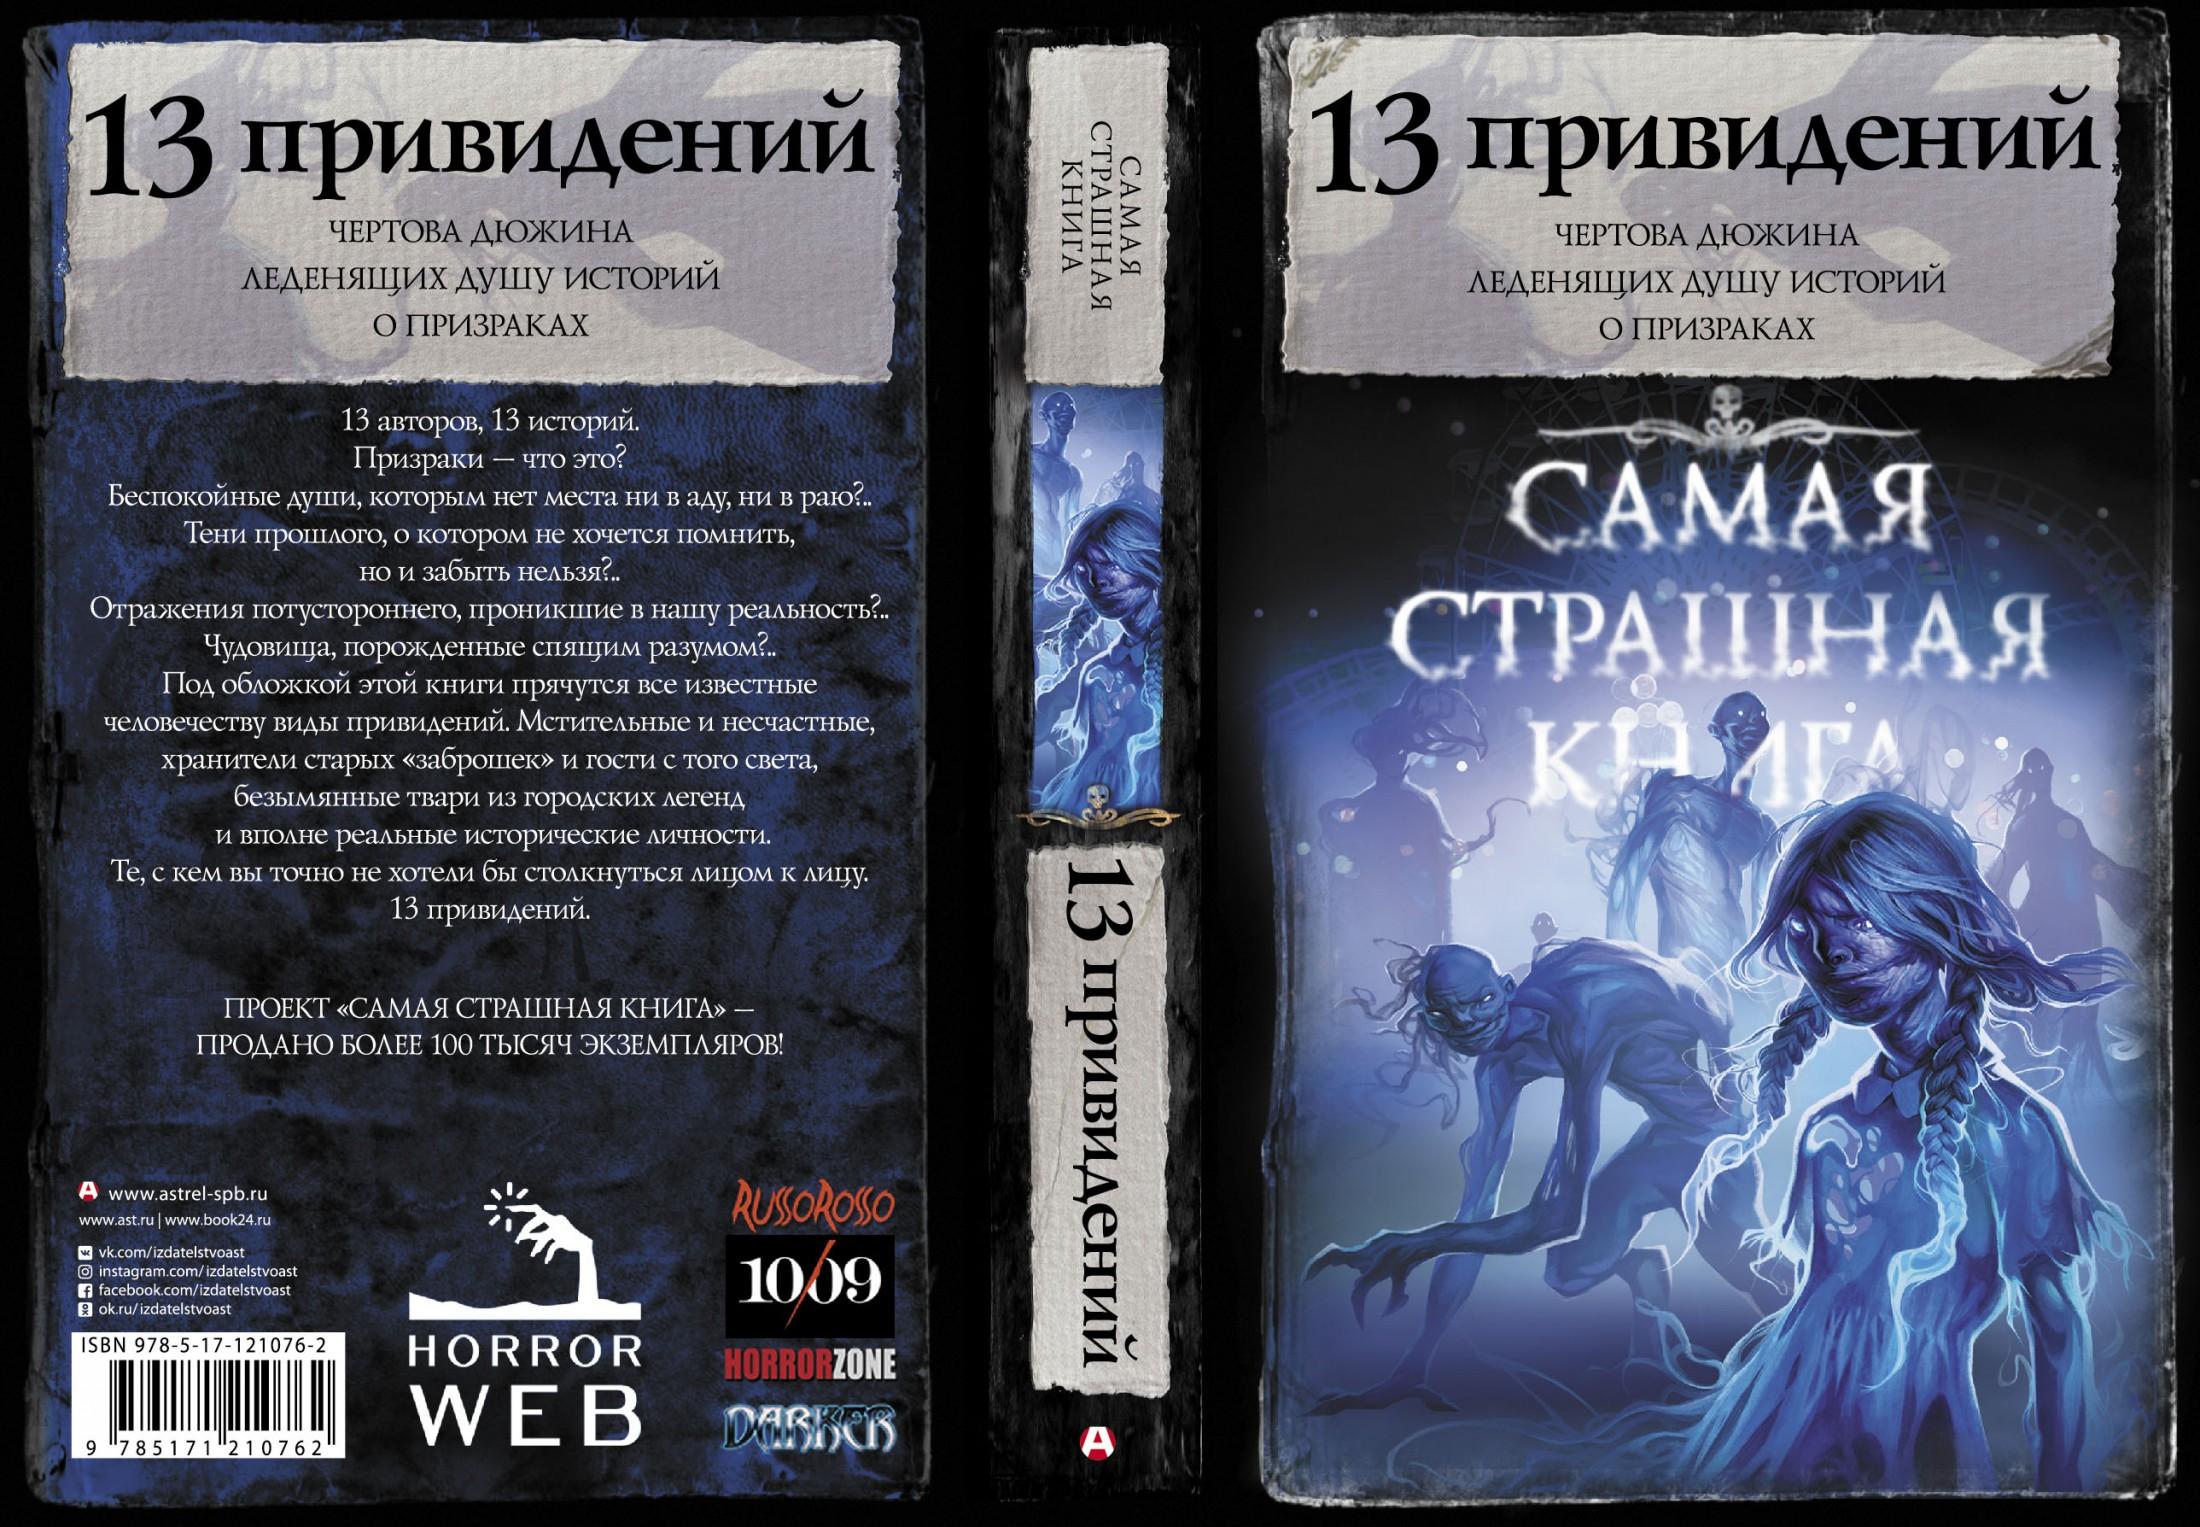 13 привидений астрель-спб самая страшная книга